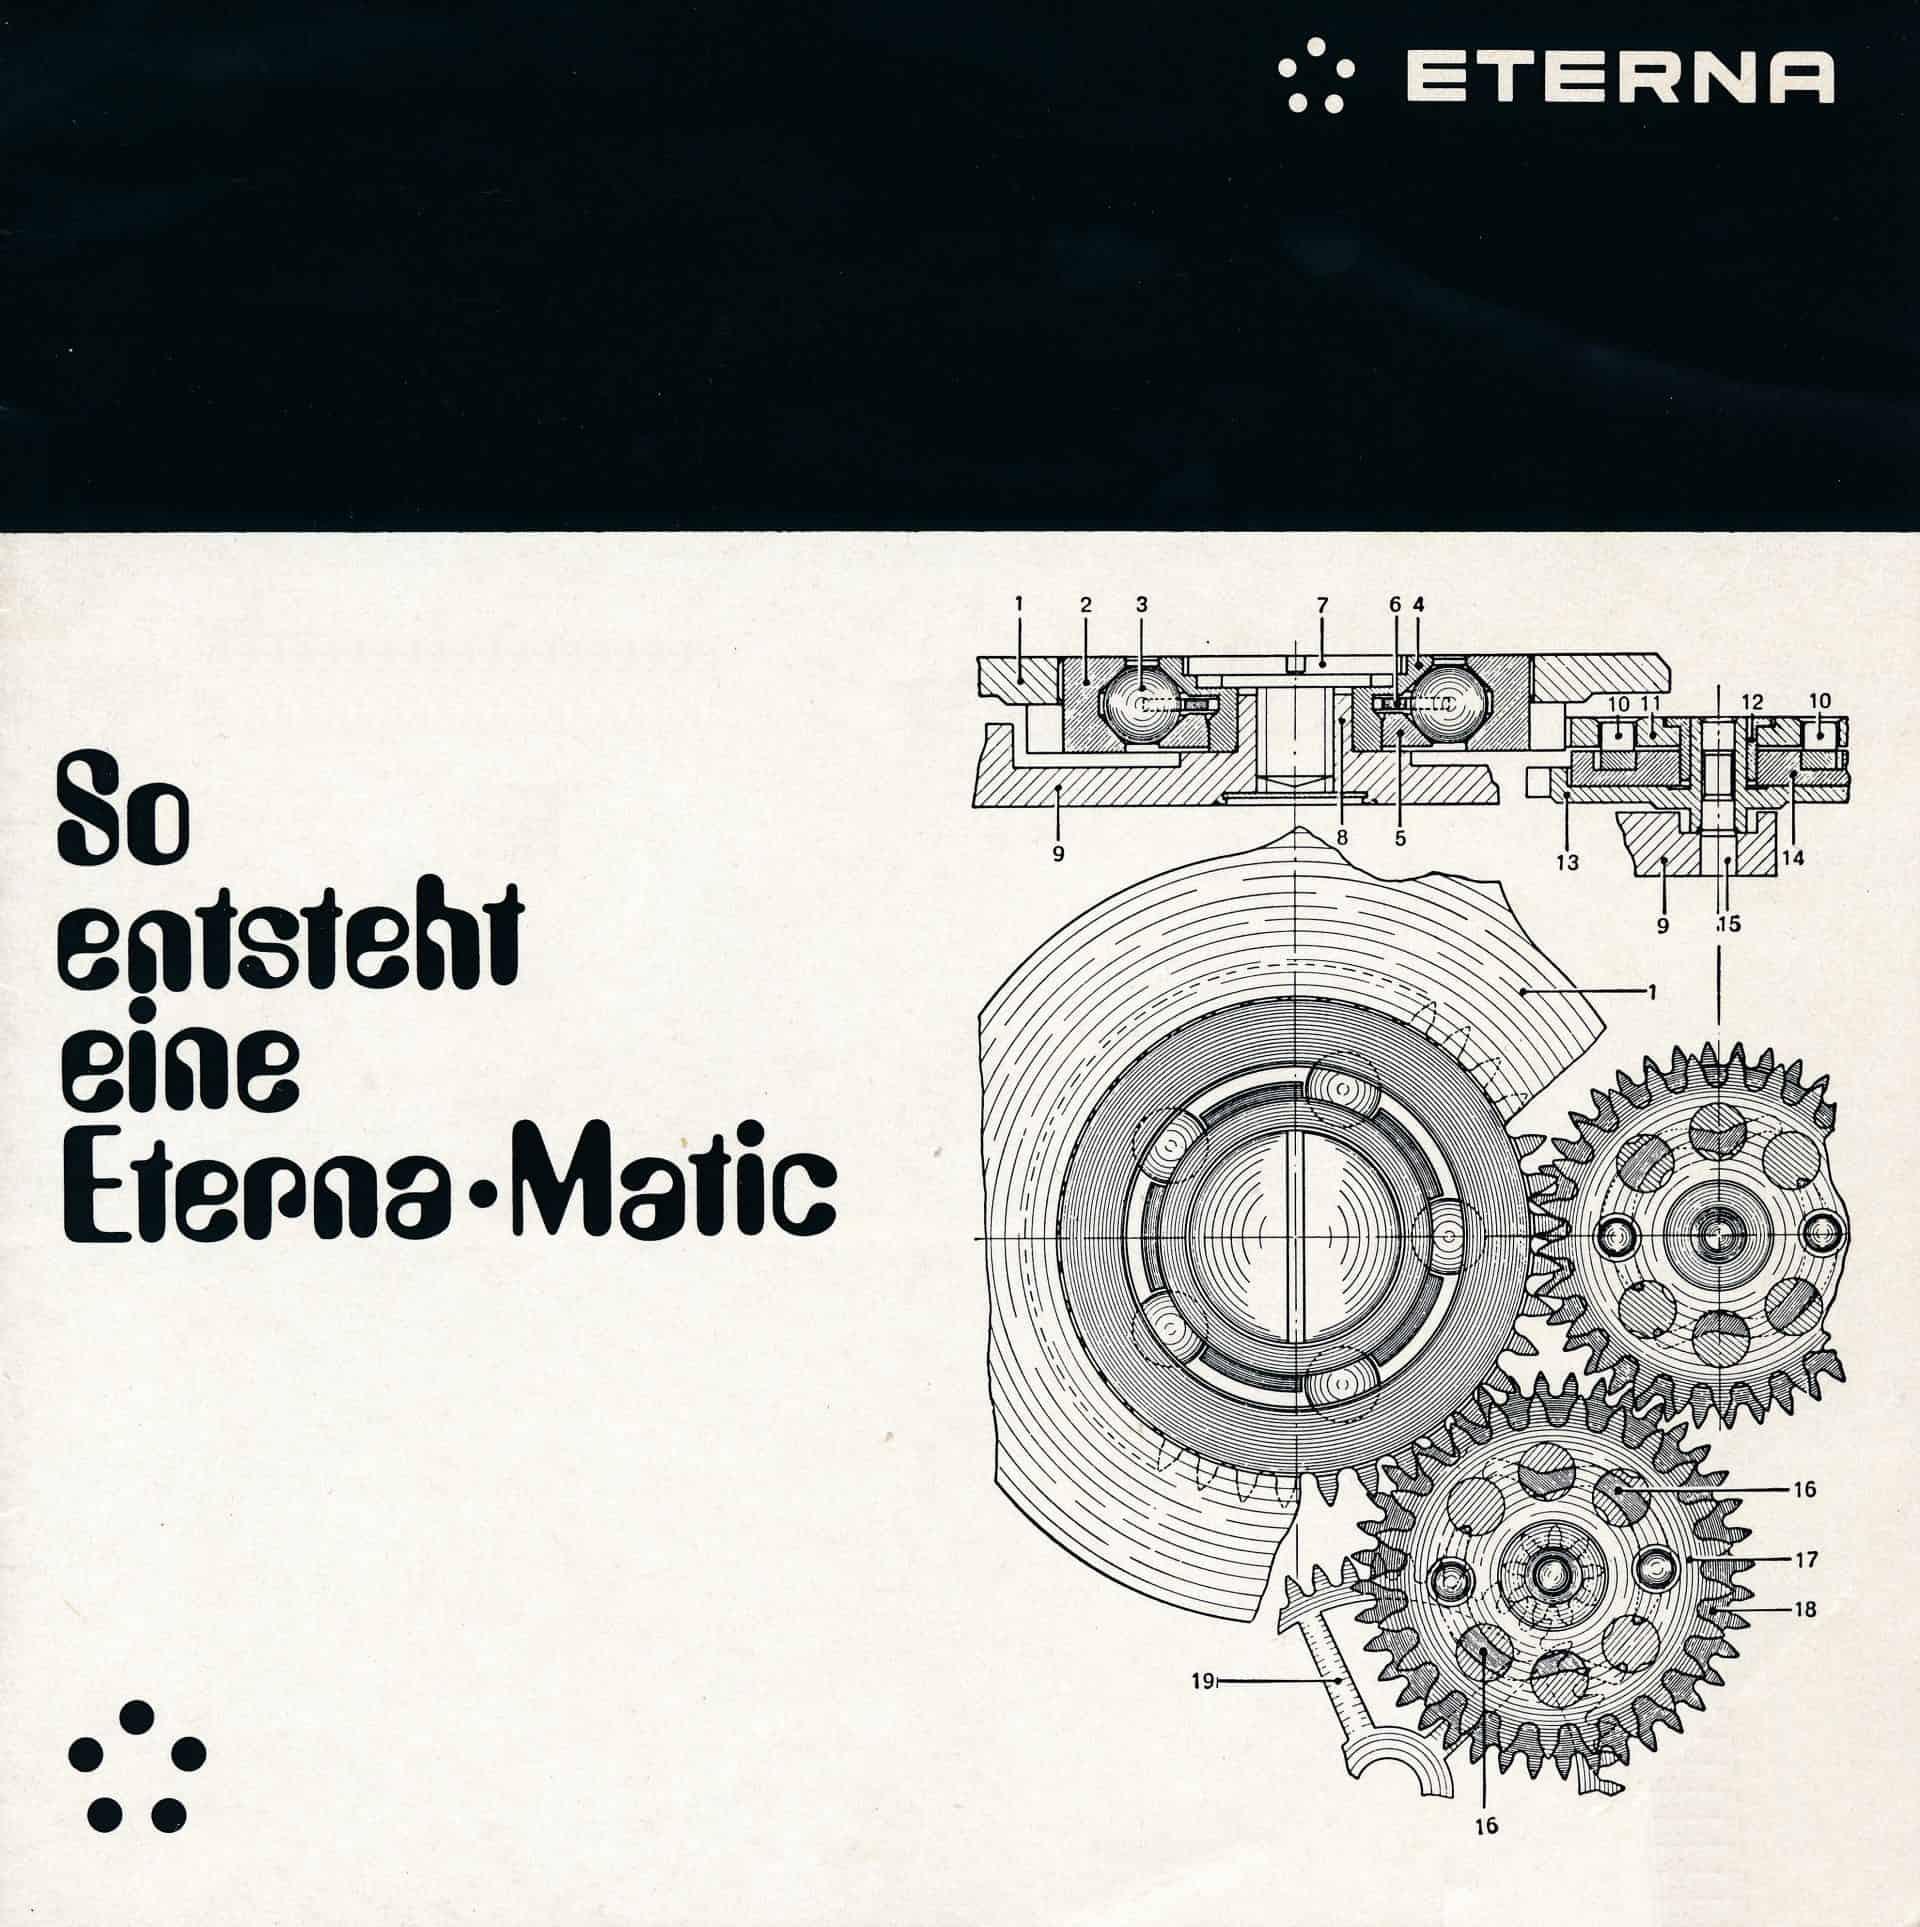 Die Eterna Broschüre von circa 1960 zeigt die Entstehung der Eterna-Matic